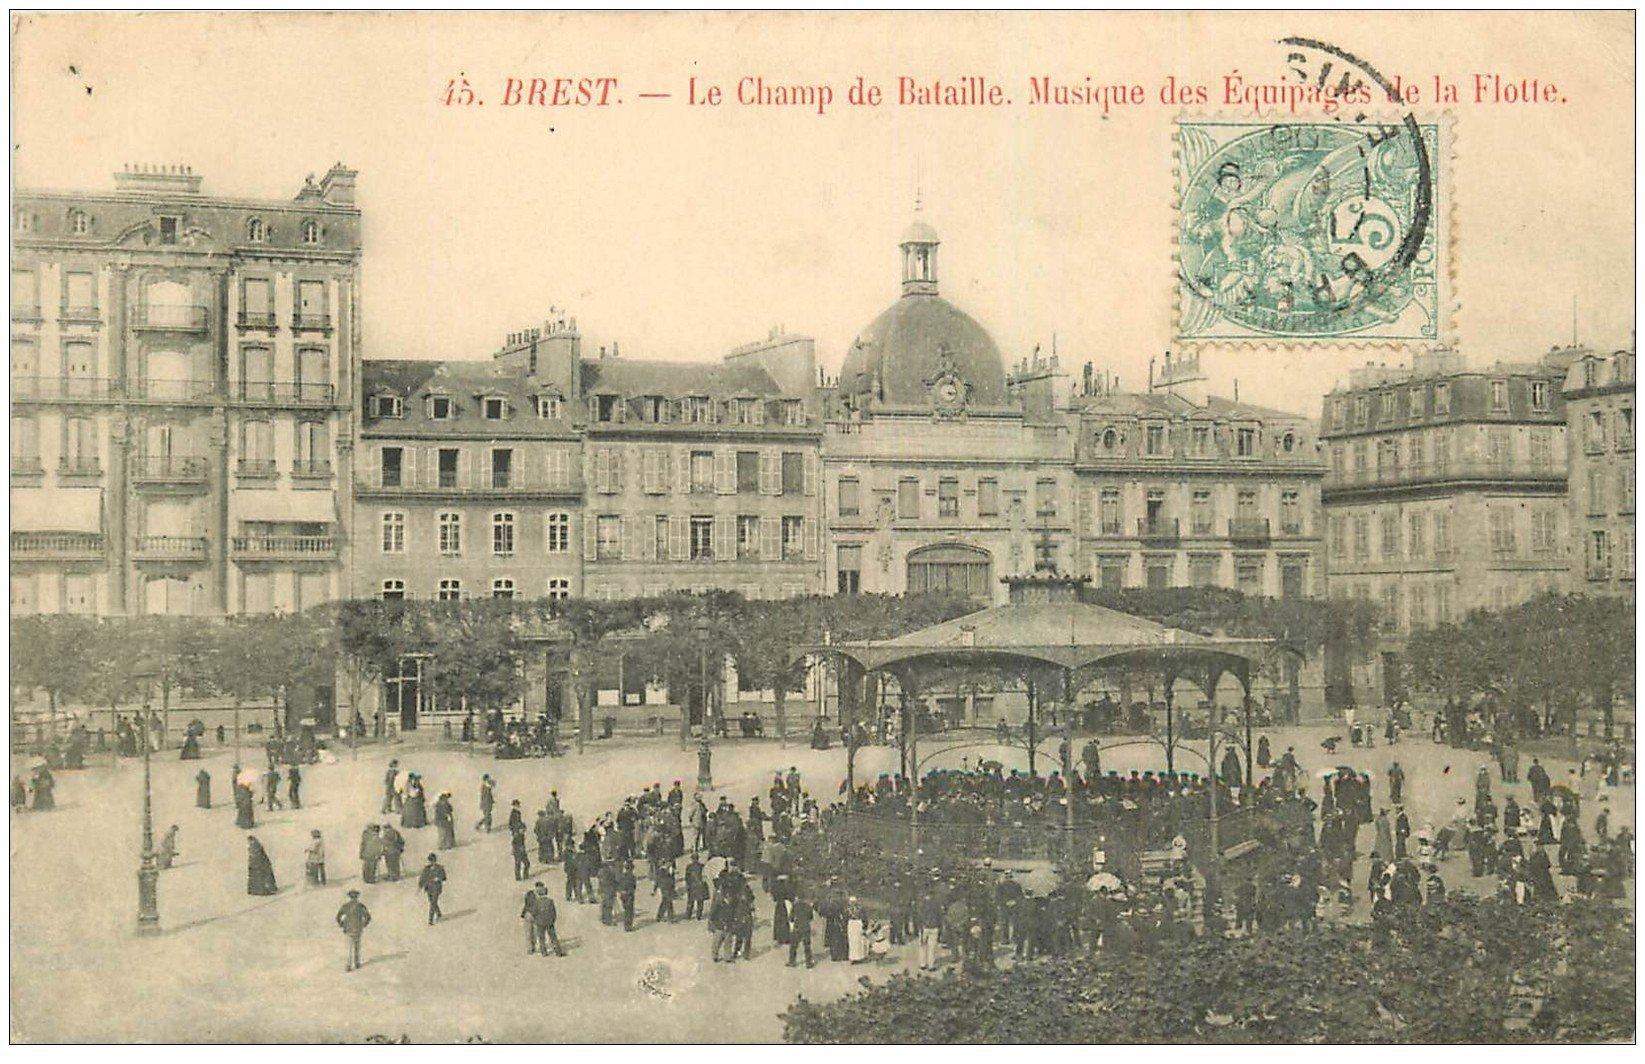 carte postale ancienne 29 BREST. Musique Equipage de la Flotte Champ de Bataille 1906